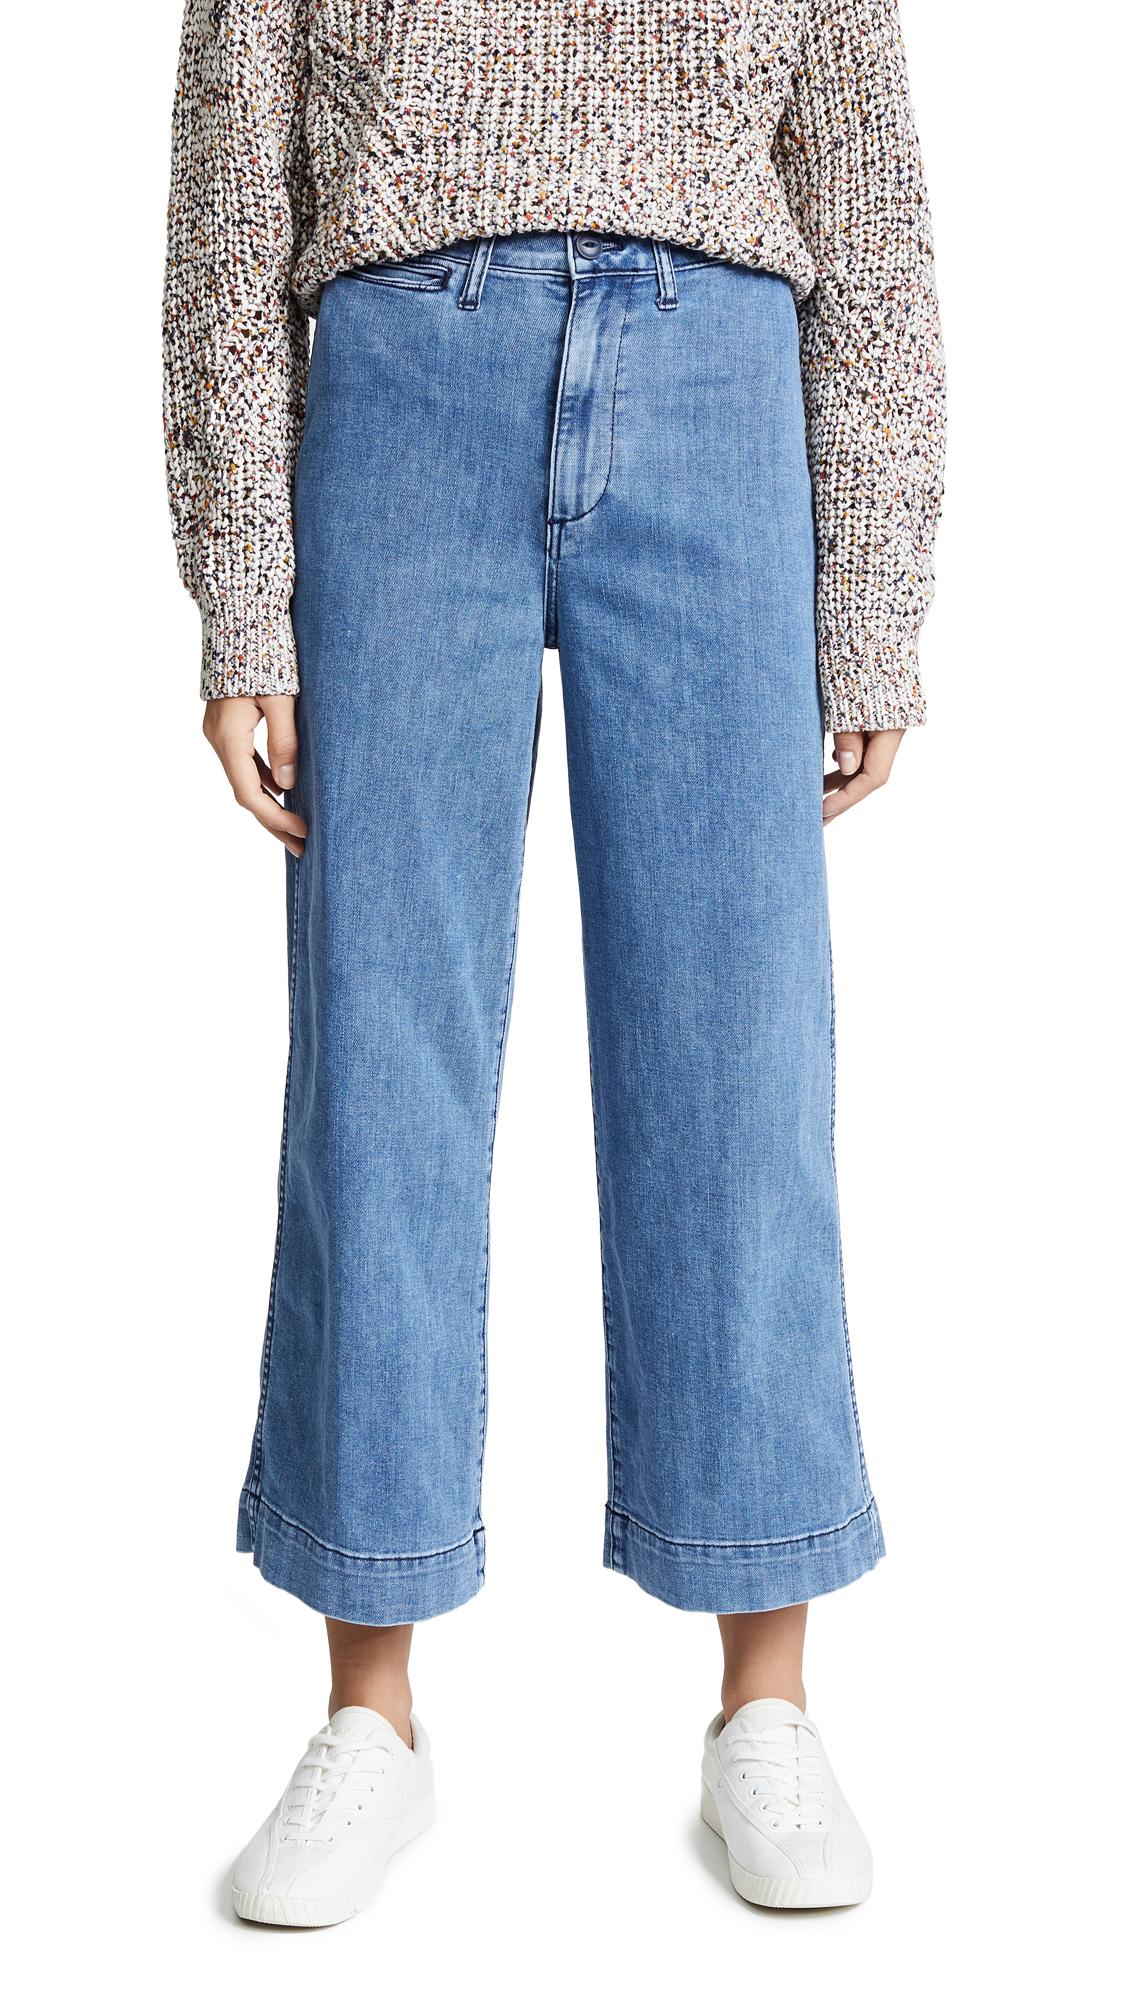 Madewell Emmett Wide Leg Crop Jeans - Rosalie